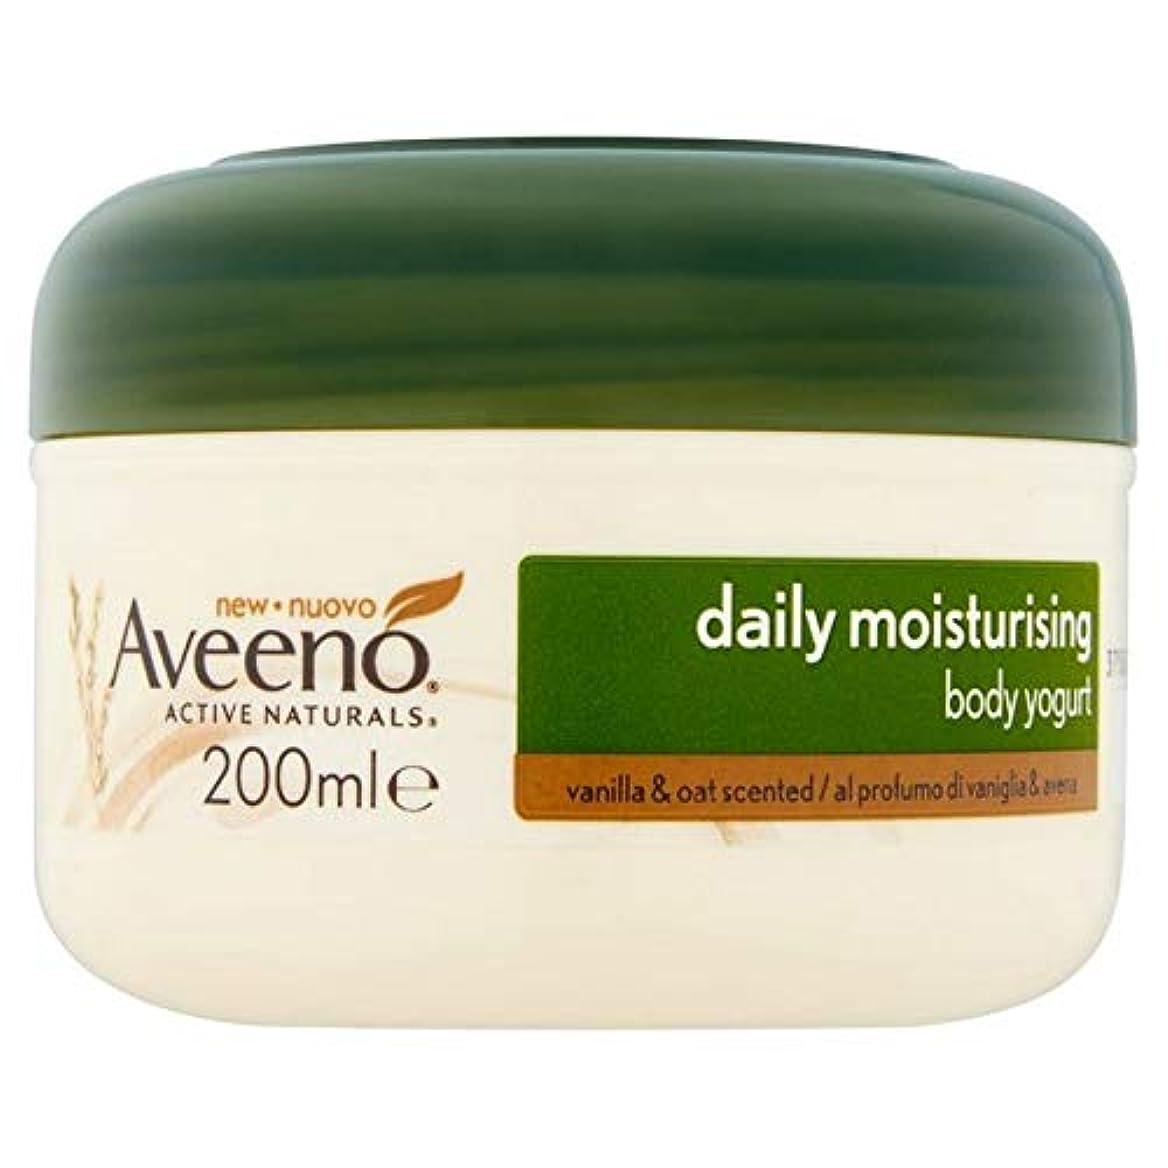 嫌い個人的に船員[Aveeno] Aveeno毎日保湿ボディヨーグルトバニラ&オーツの200ミリリットル - Aveeno Daily Moisturising Body Yogurts Vanilla & Oats 200ml [並行輸入品]